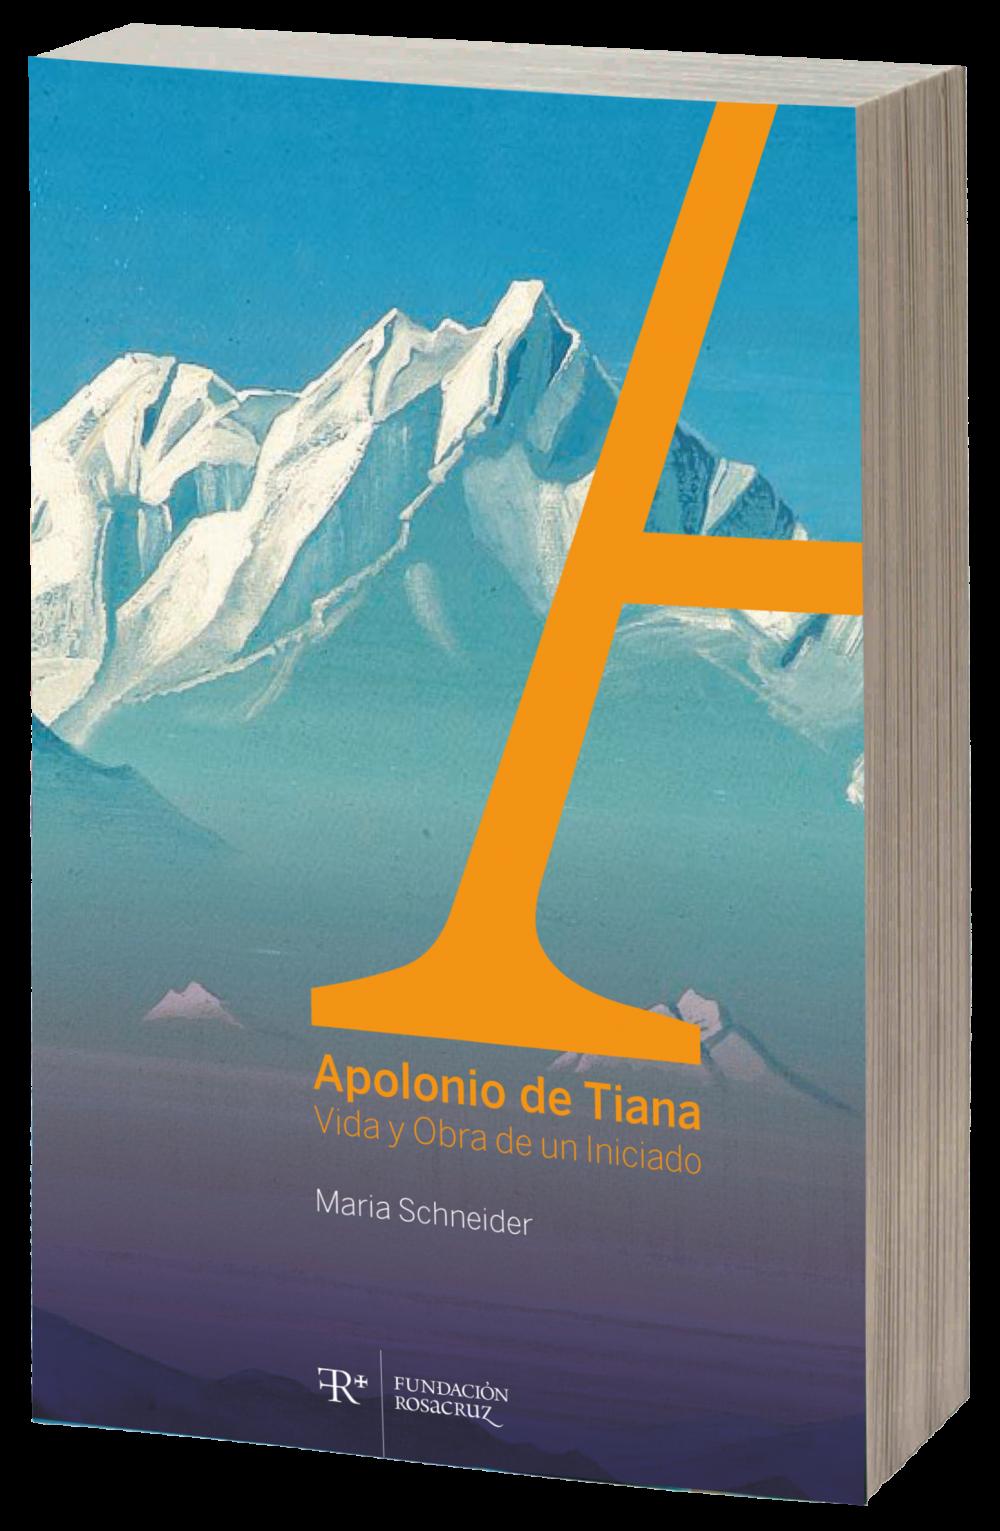 Portada Libro - Apolonio de Tiana - VIda y Obra de un Iniciado